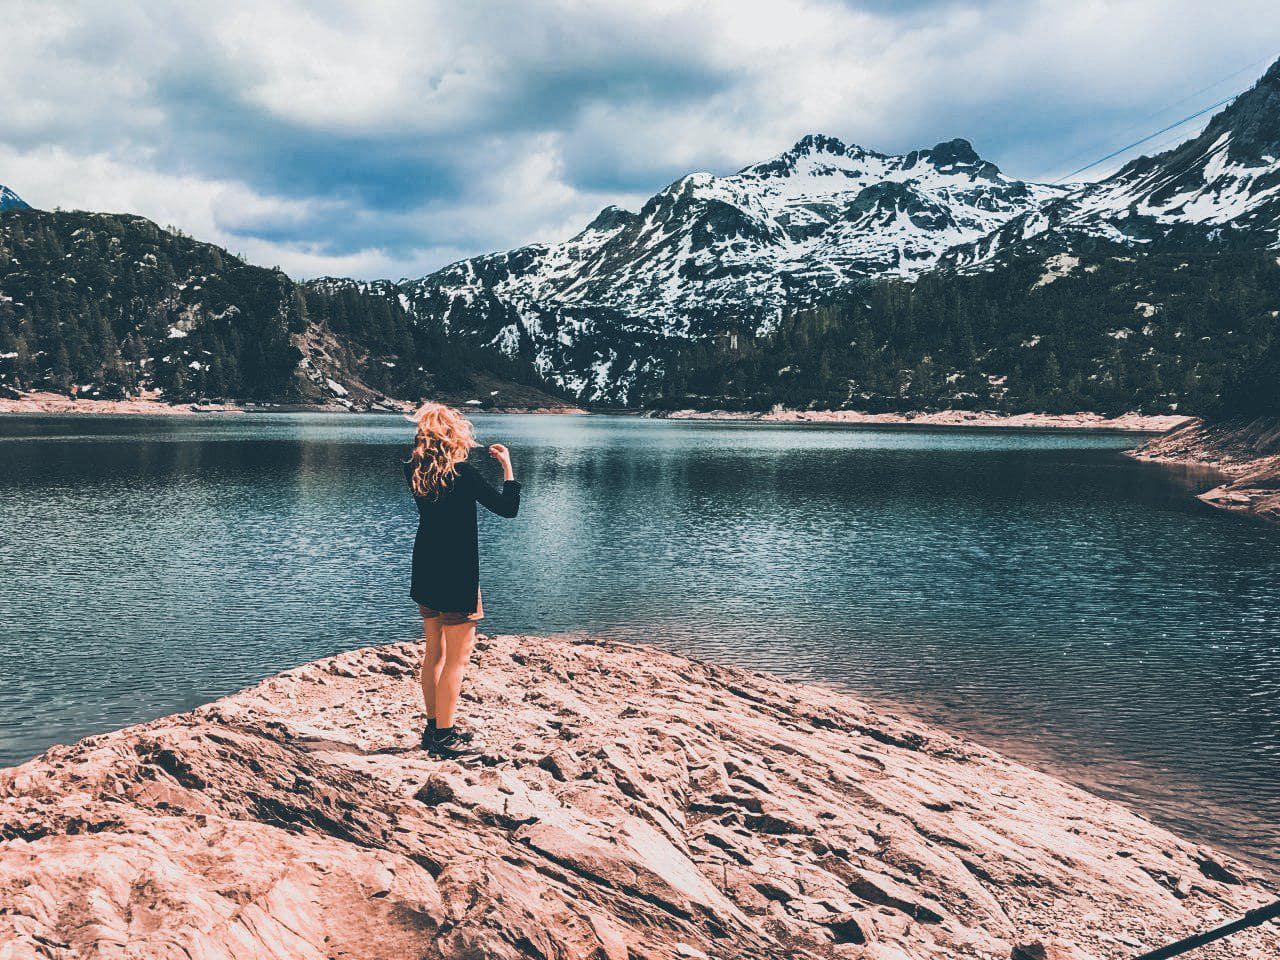 Ragazza in posa davanti al lago marcio incorniciato dalle montagne